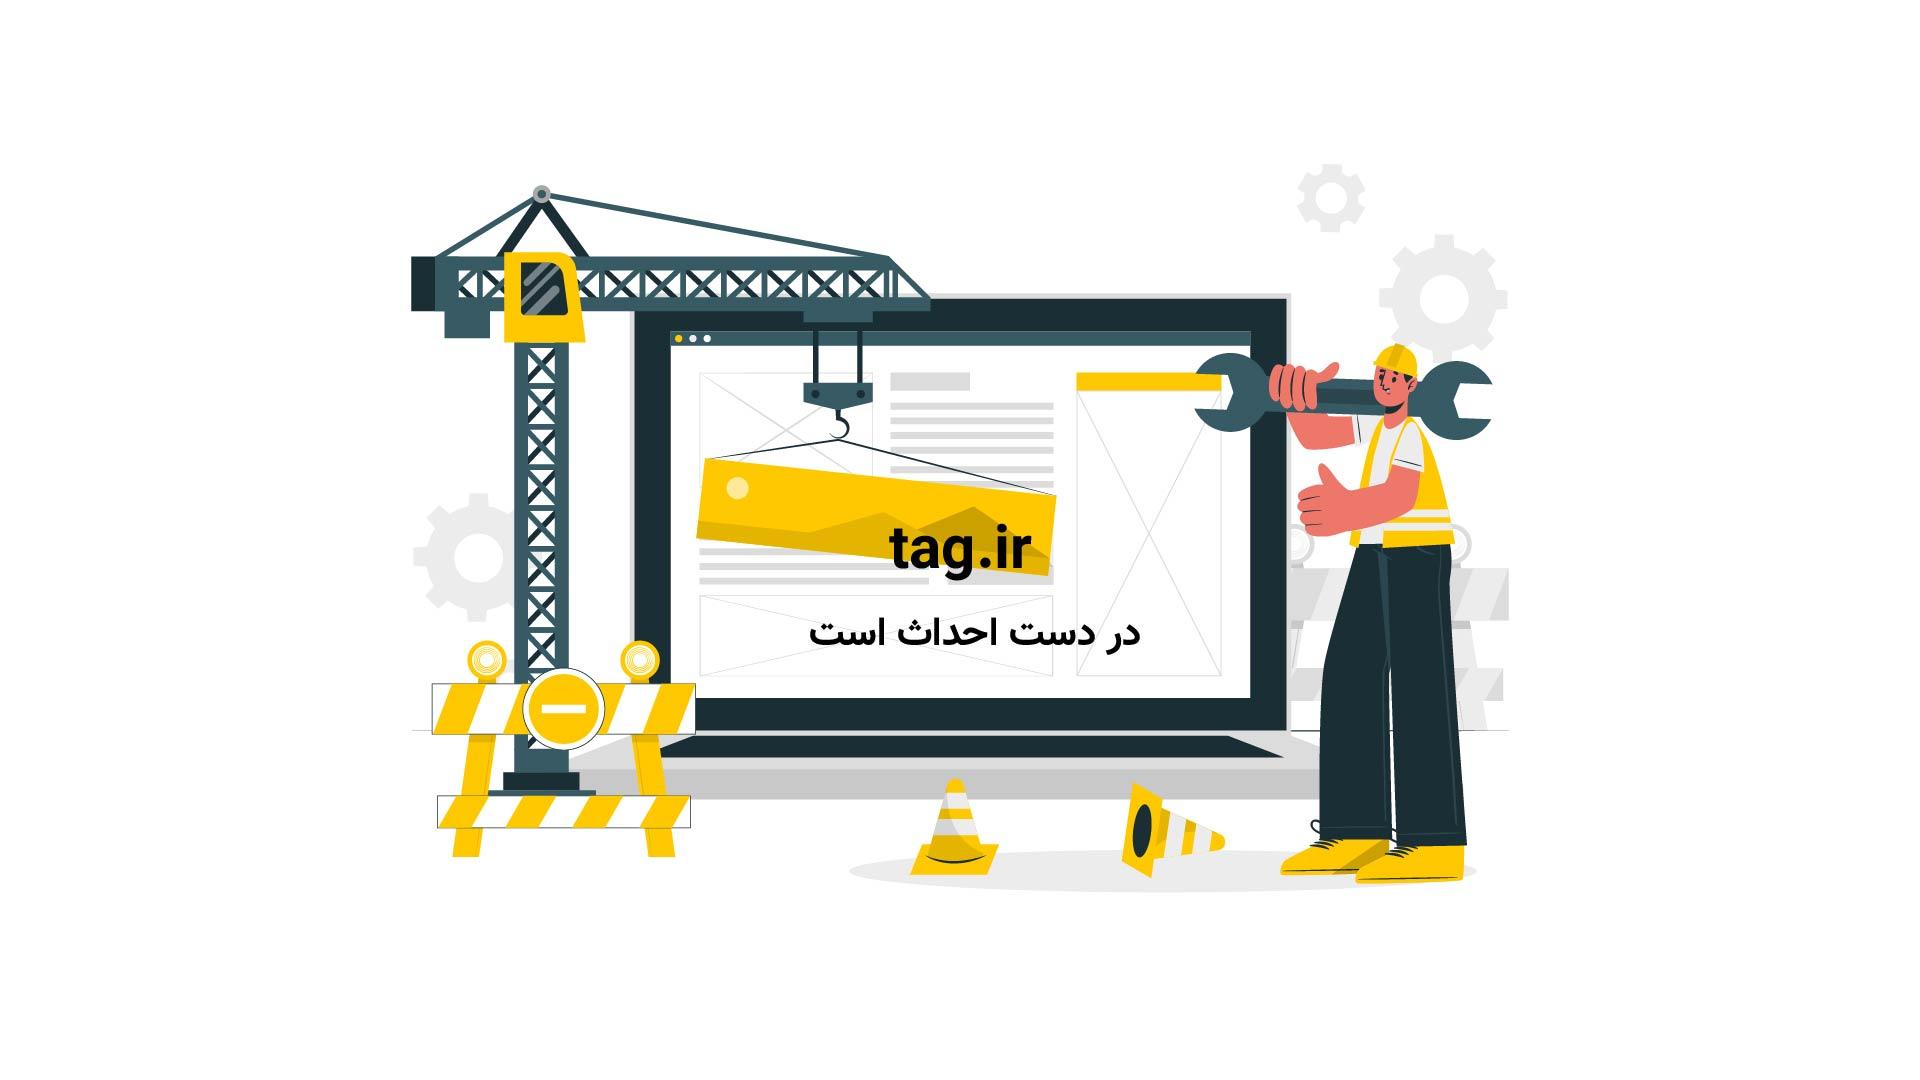 خانه تاریخی و زیبای تاج در شهر کاشان | فیلم